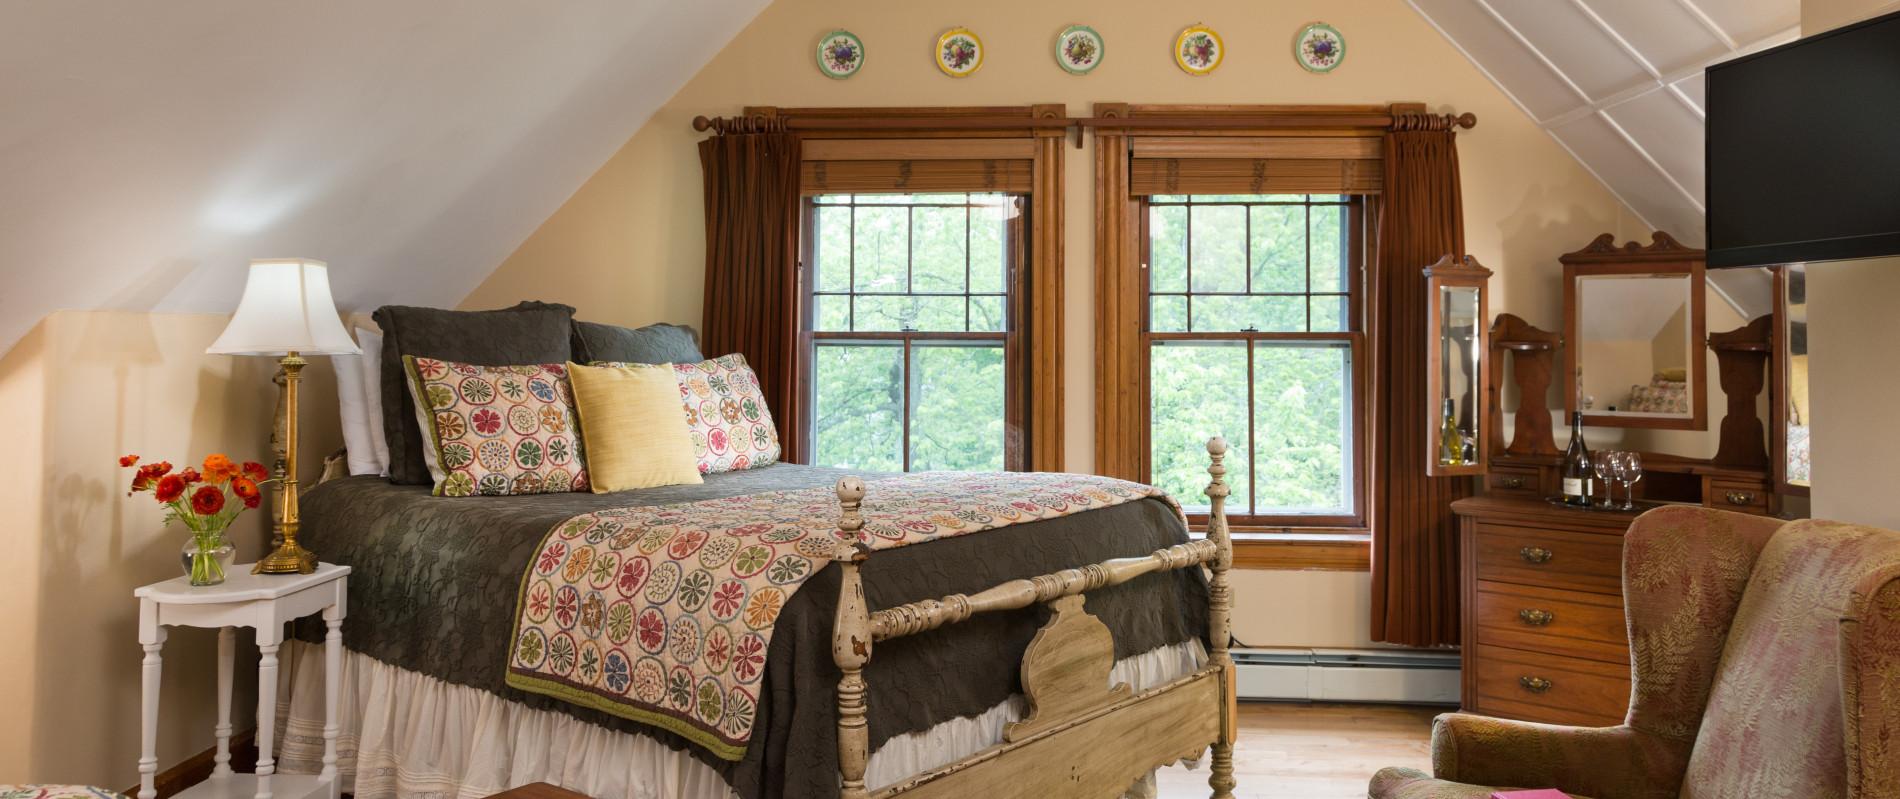 Tuttle Room- Burlington, VT Inn